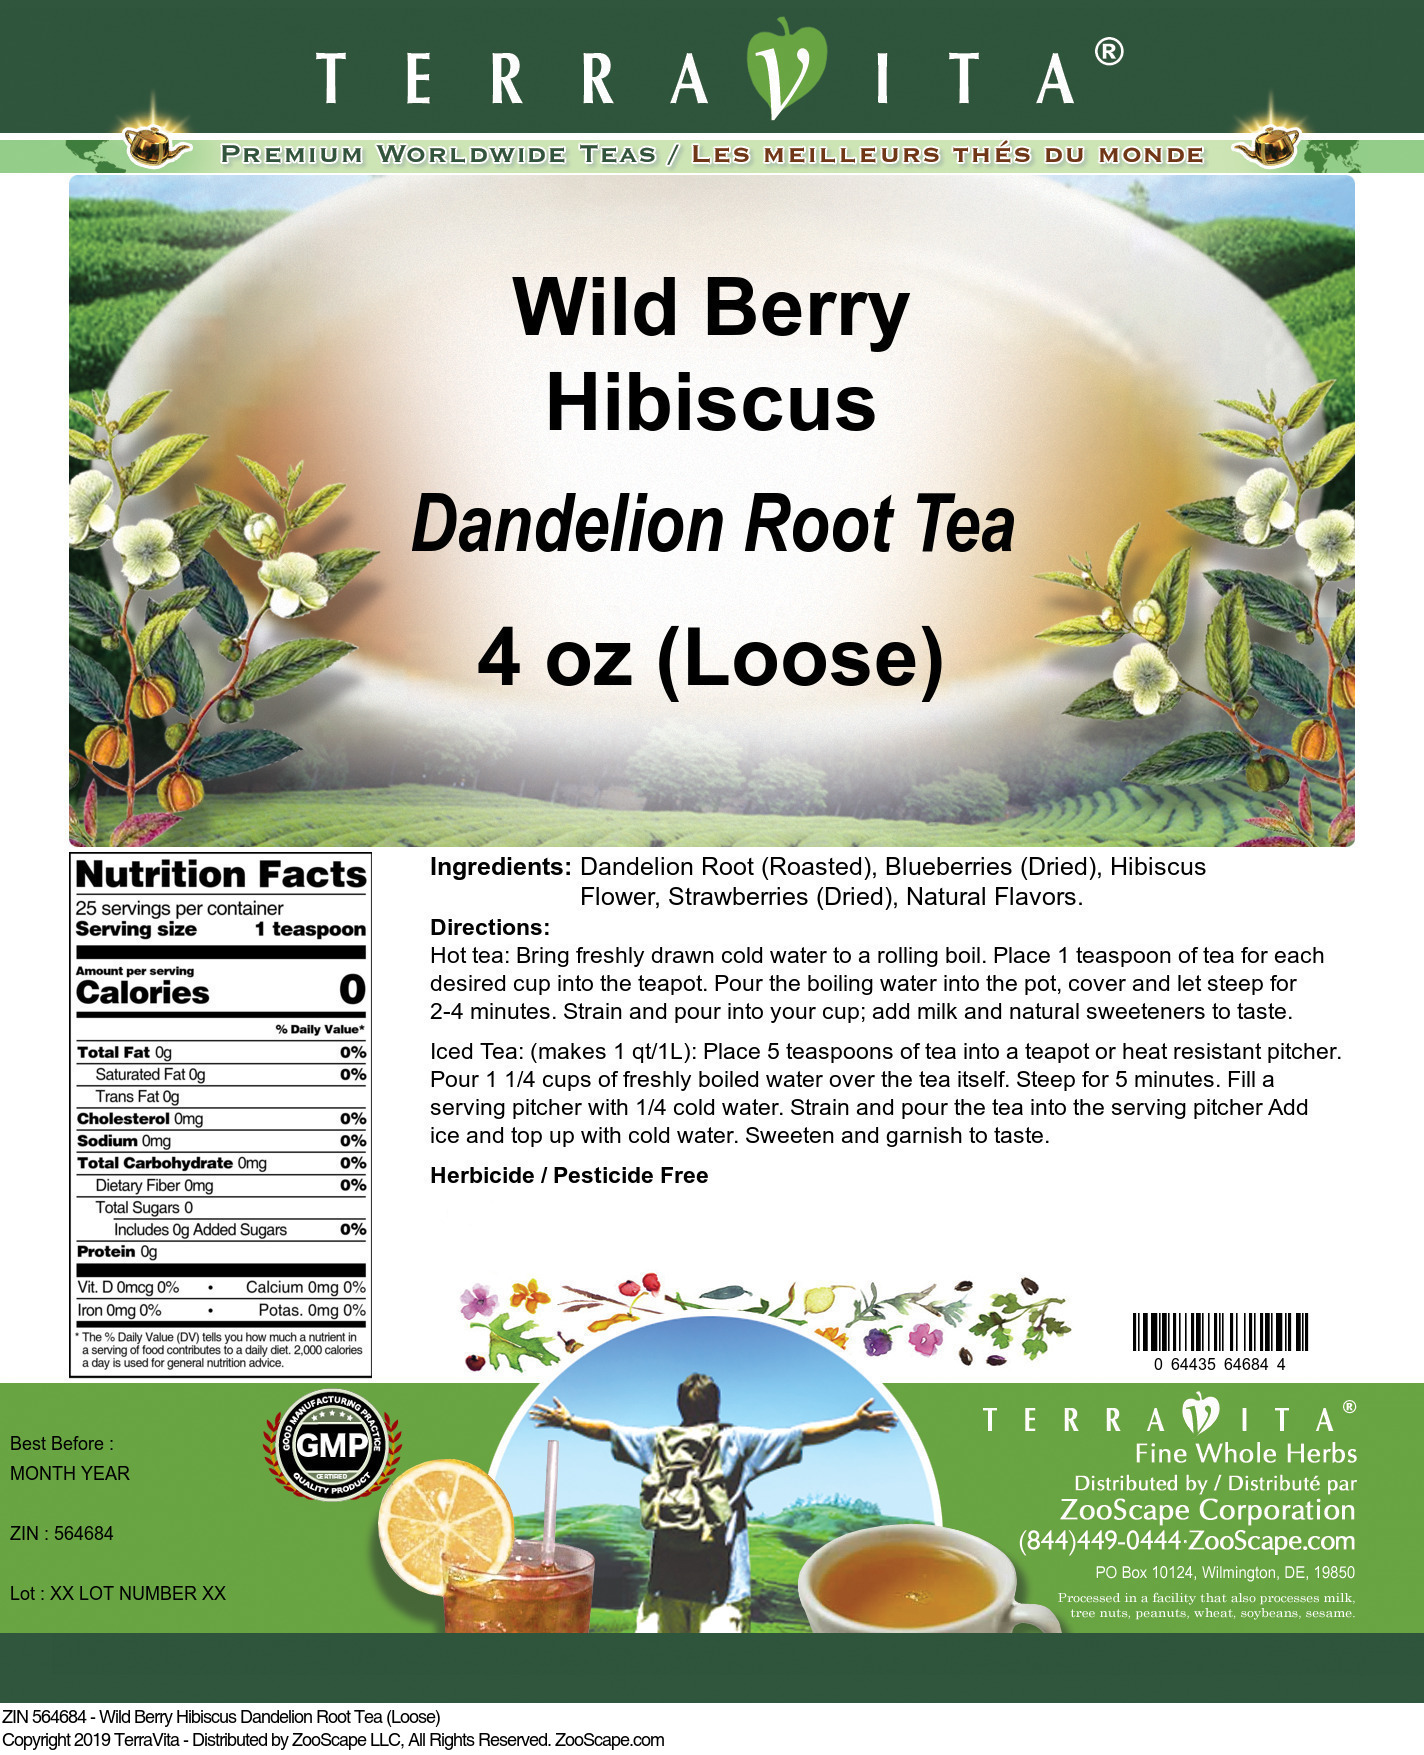 Wild Berry Hibiscus Dandelion Root